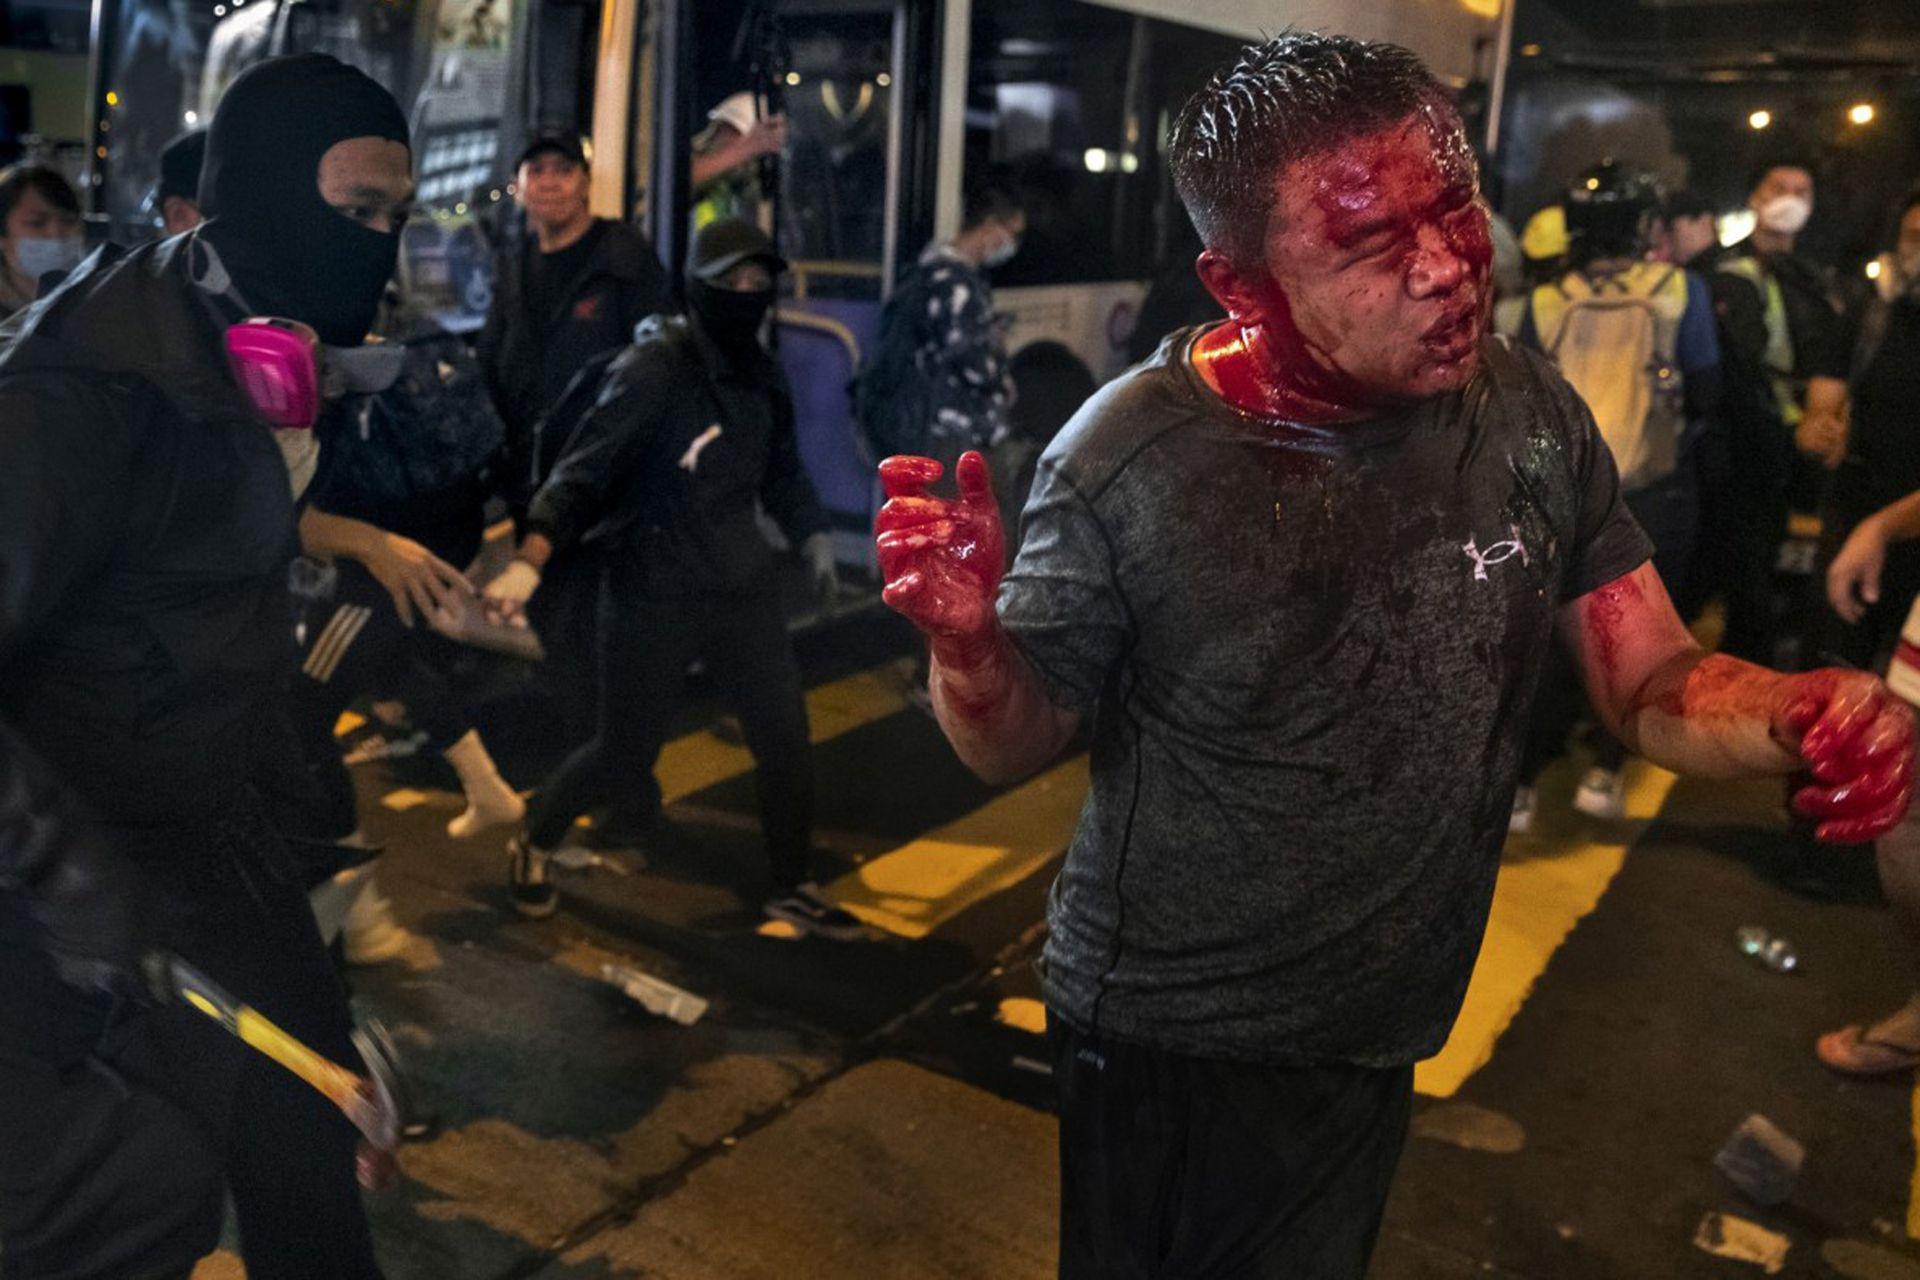 Un manifestante enmascarado y con un martillo en la mano ataca a un hombre sospechoso de ser activista pro Beijing